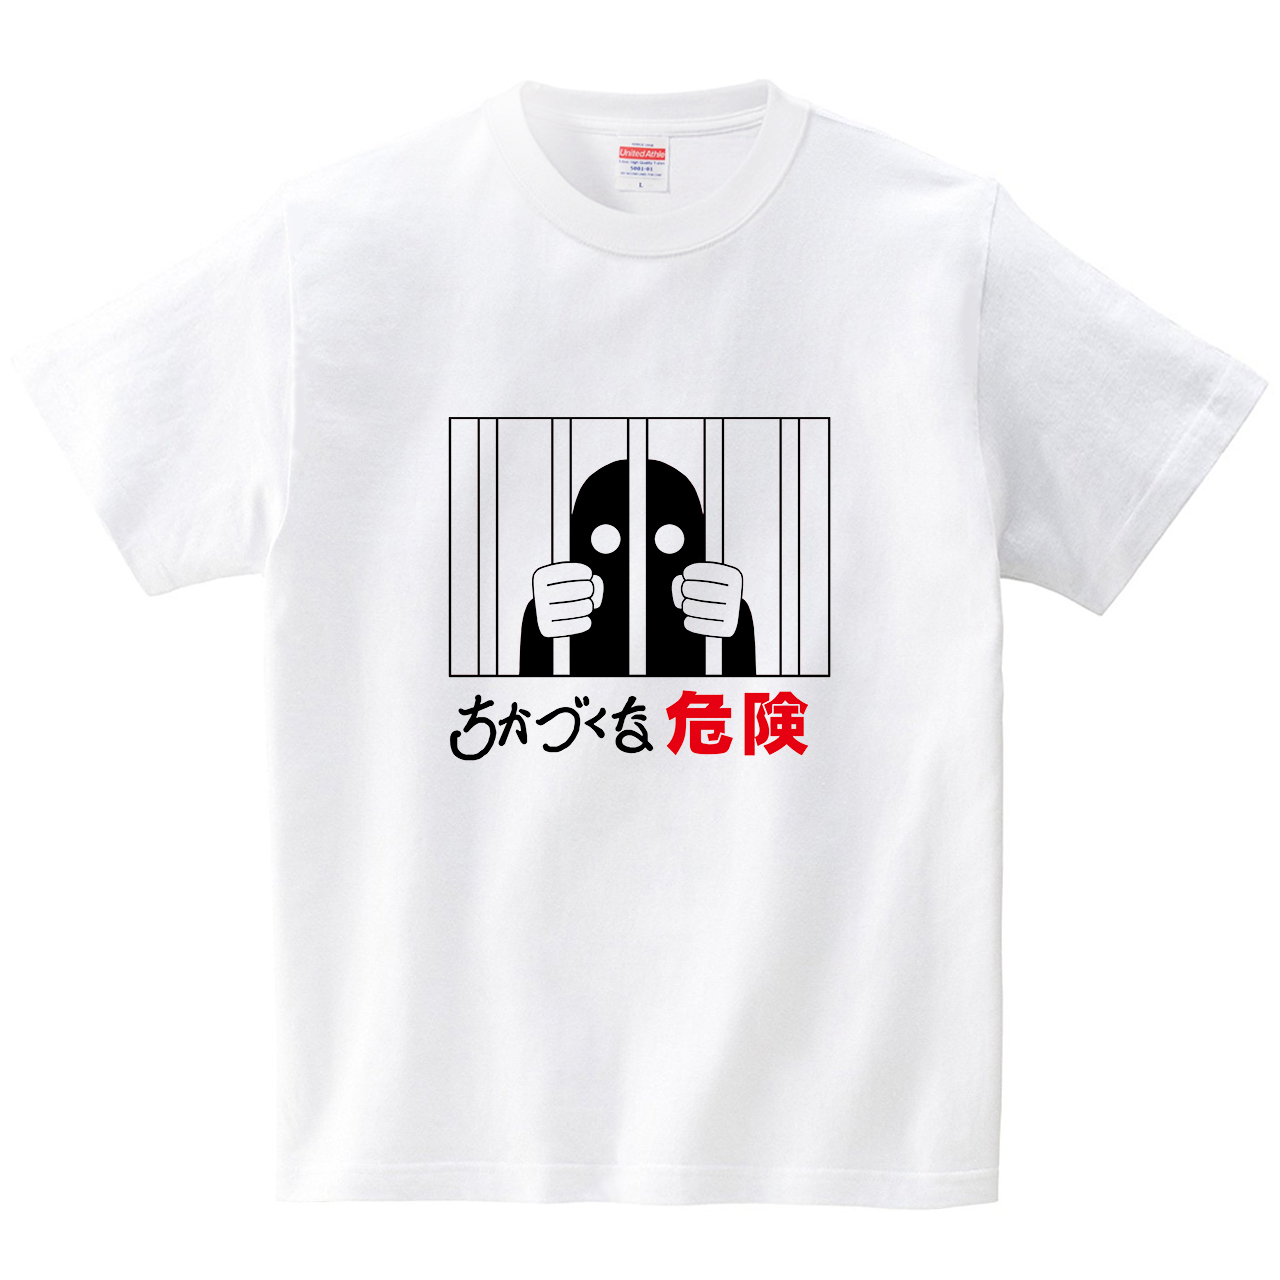 注意人物(Tシャツ・ホワイト)(ゆめの よう)